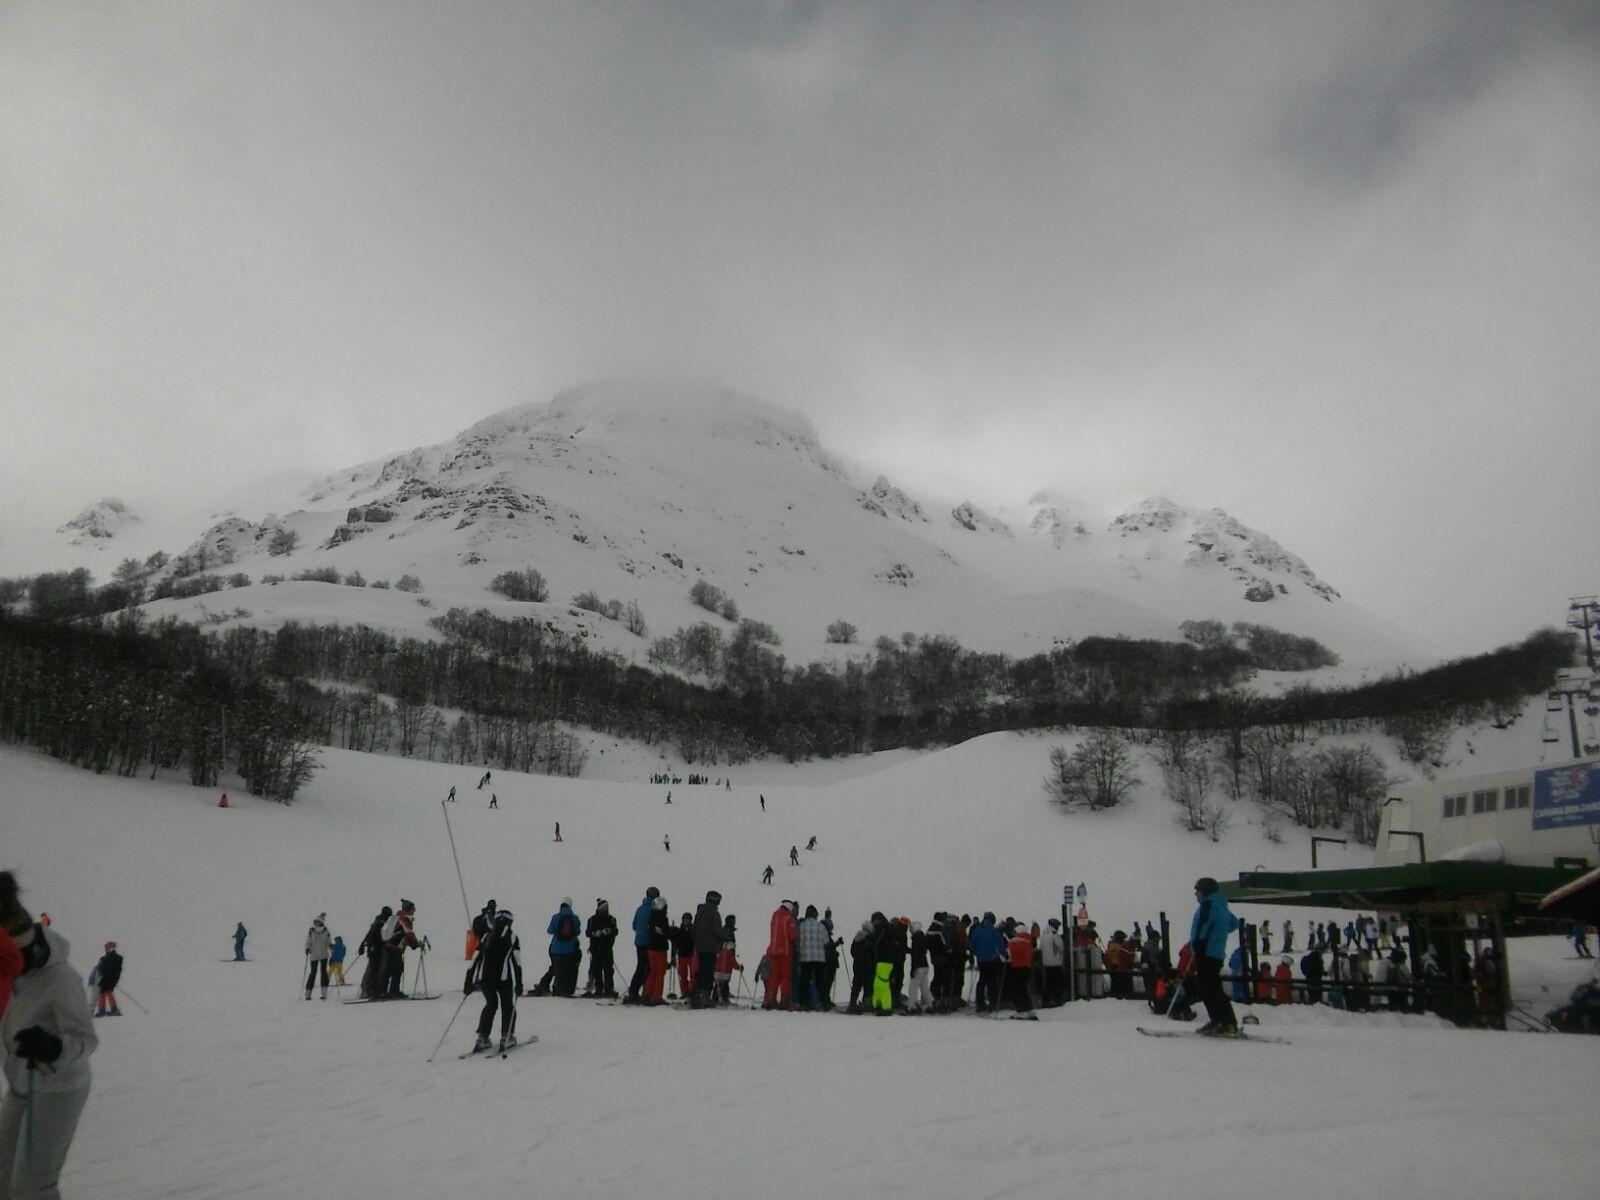 L'Ovindoli Mountain Festival Winter Edition parte con il sole nel cuore: 10000 presenze solo il primo giorno